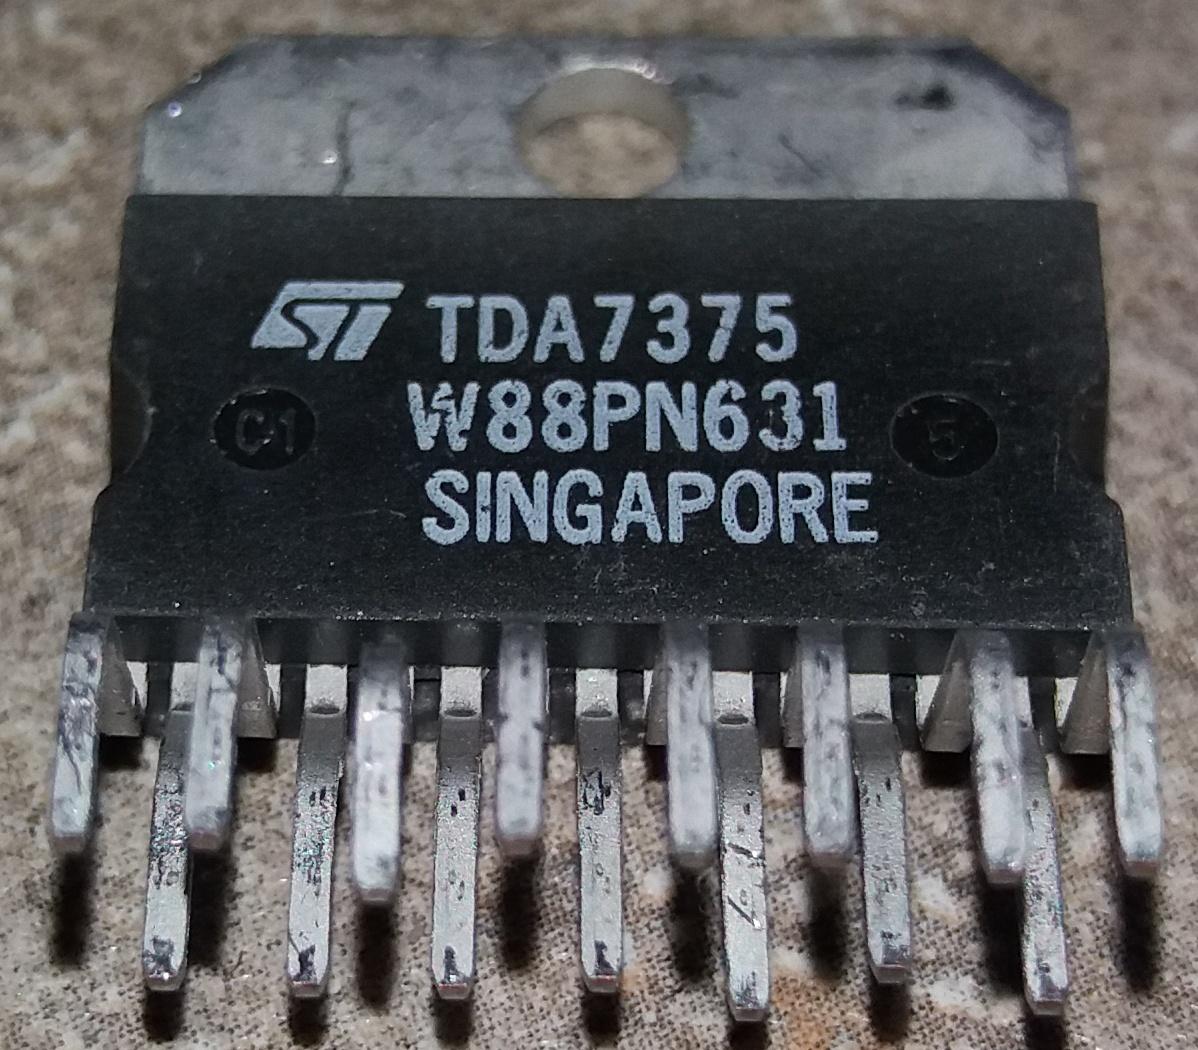 Kocwki Mocy W Oficjalnym Archiwum Allegro Strona 11 Ofert 2x30w Audio Amplifier With Stk465